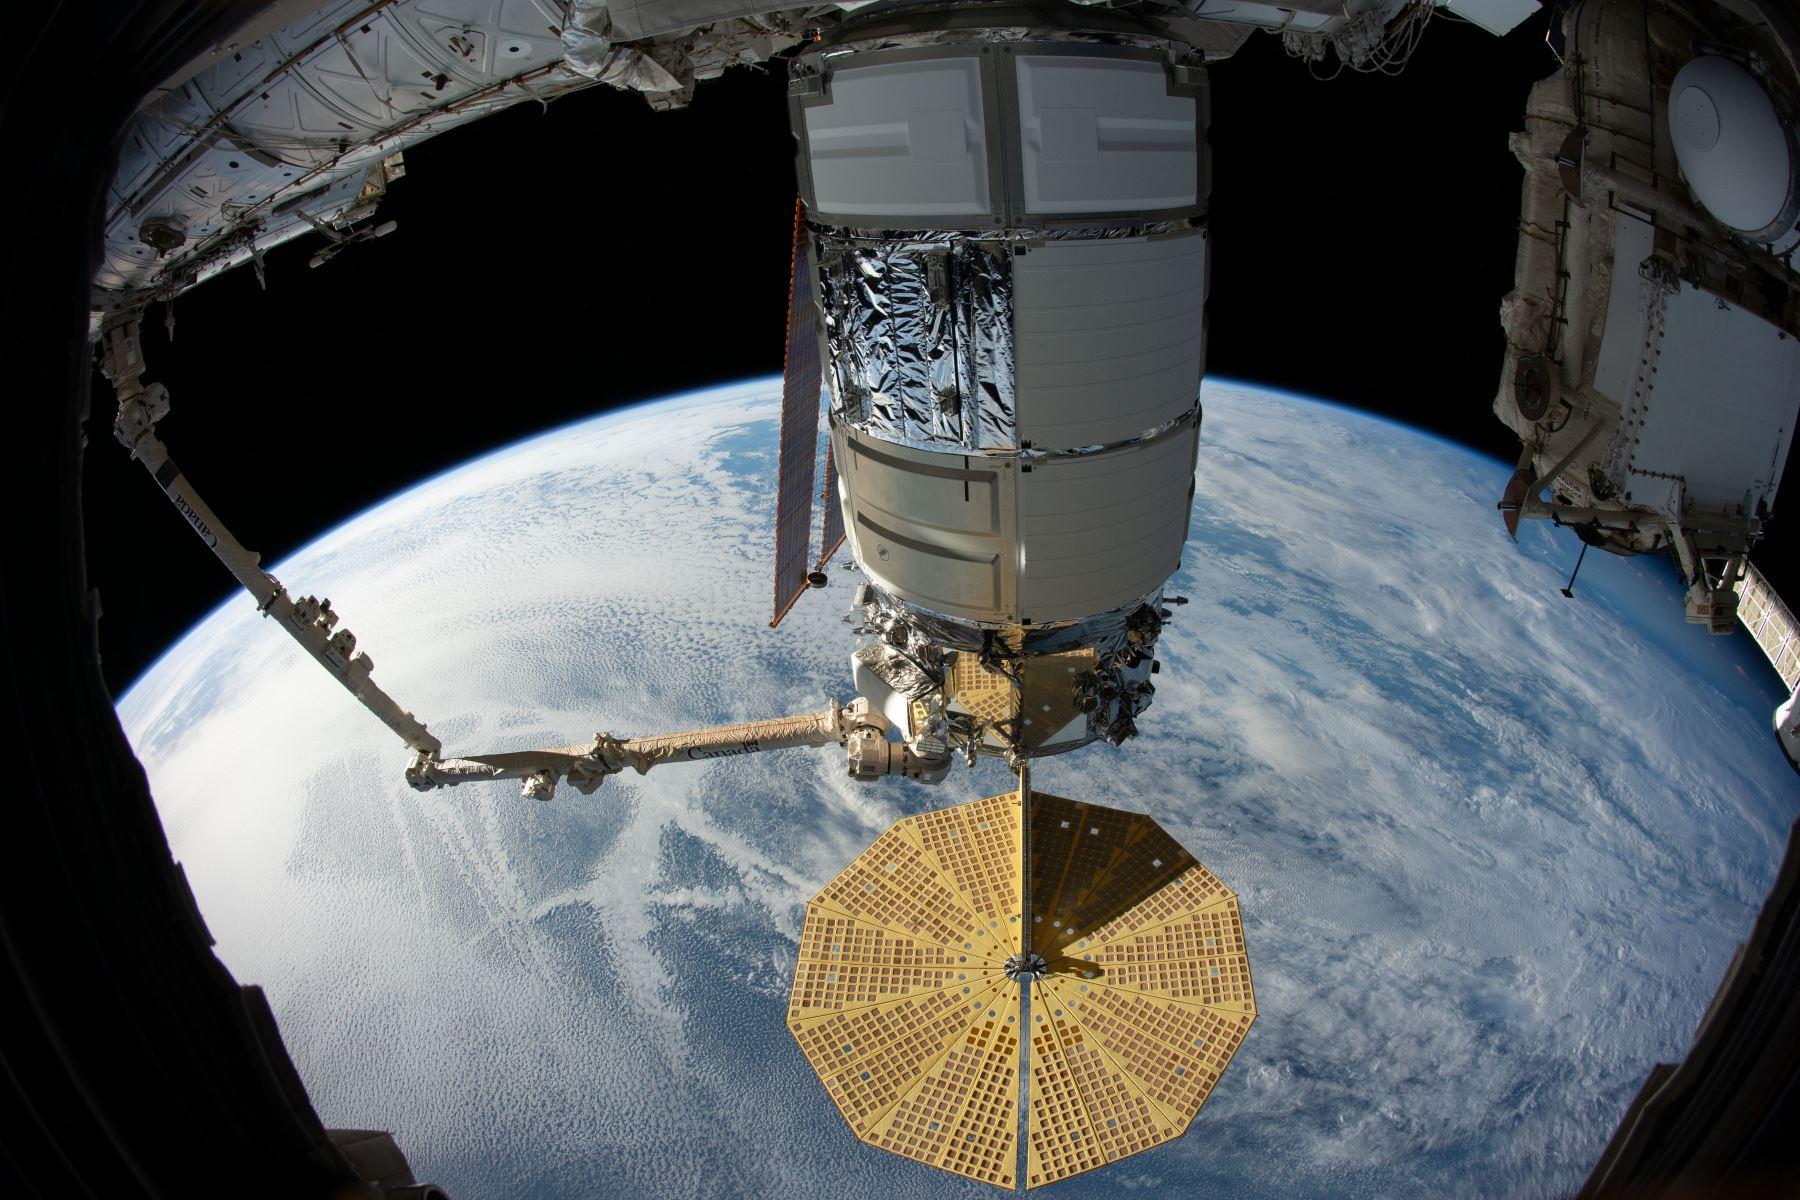 Según el astrónomo Jonathan McDowell, el objeto amenazante eran los restos de una parte de un cohete japonés lanzado en 2018, que se desintegró en 77 piezas en febrero de 2019. Foto: AFP